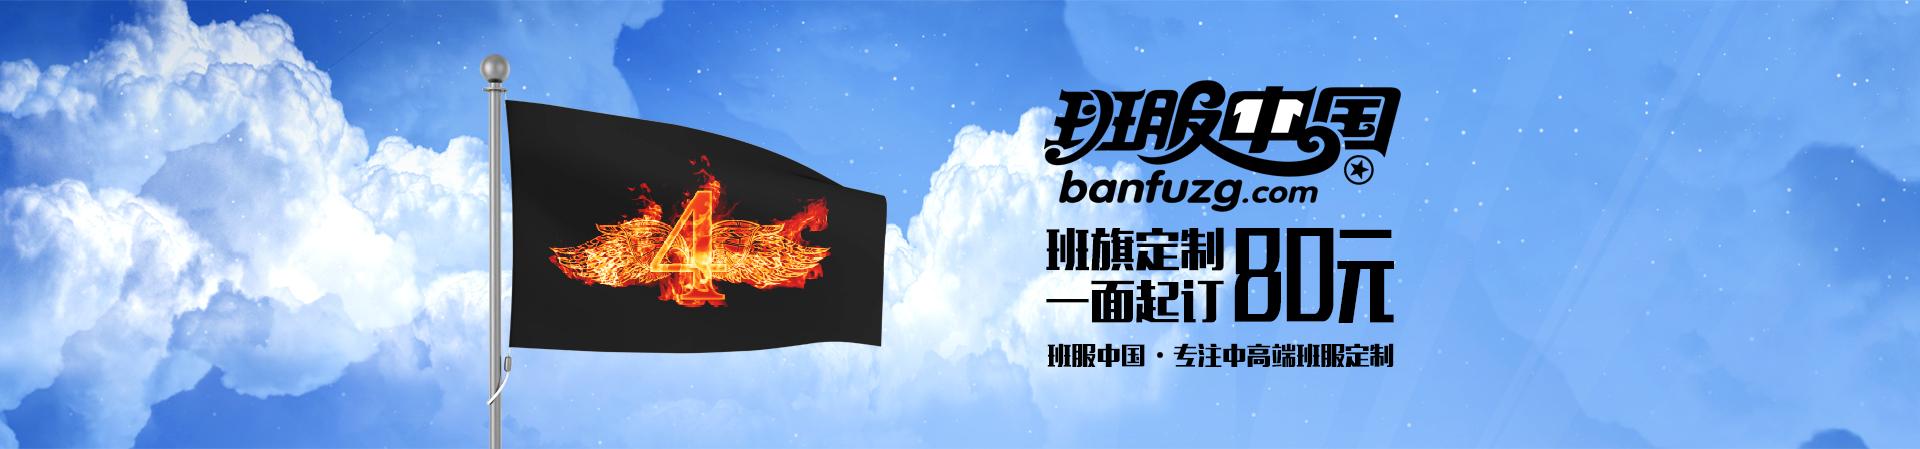 班旗定制banner图片